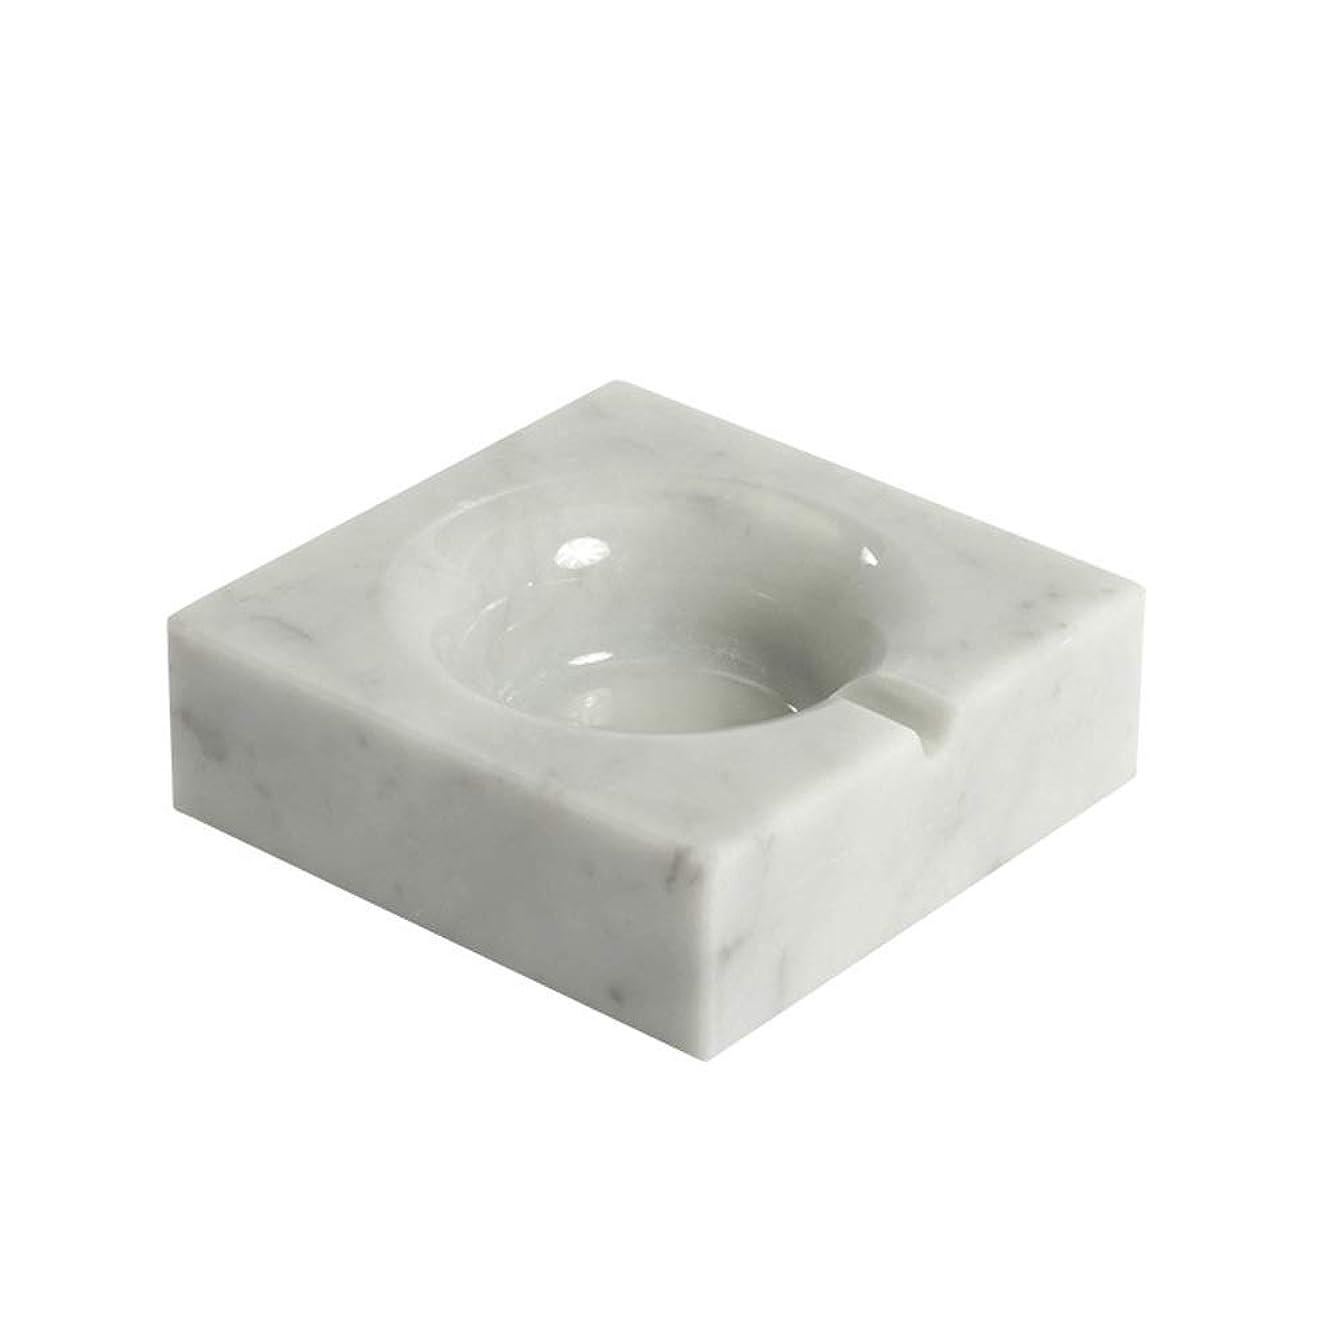 反対チロ娘タバコのための大理石の灰皿創造的な灰皿の家の装飾 (色 : 白)